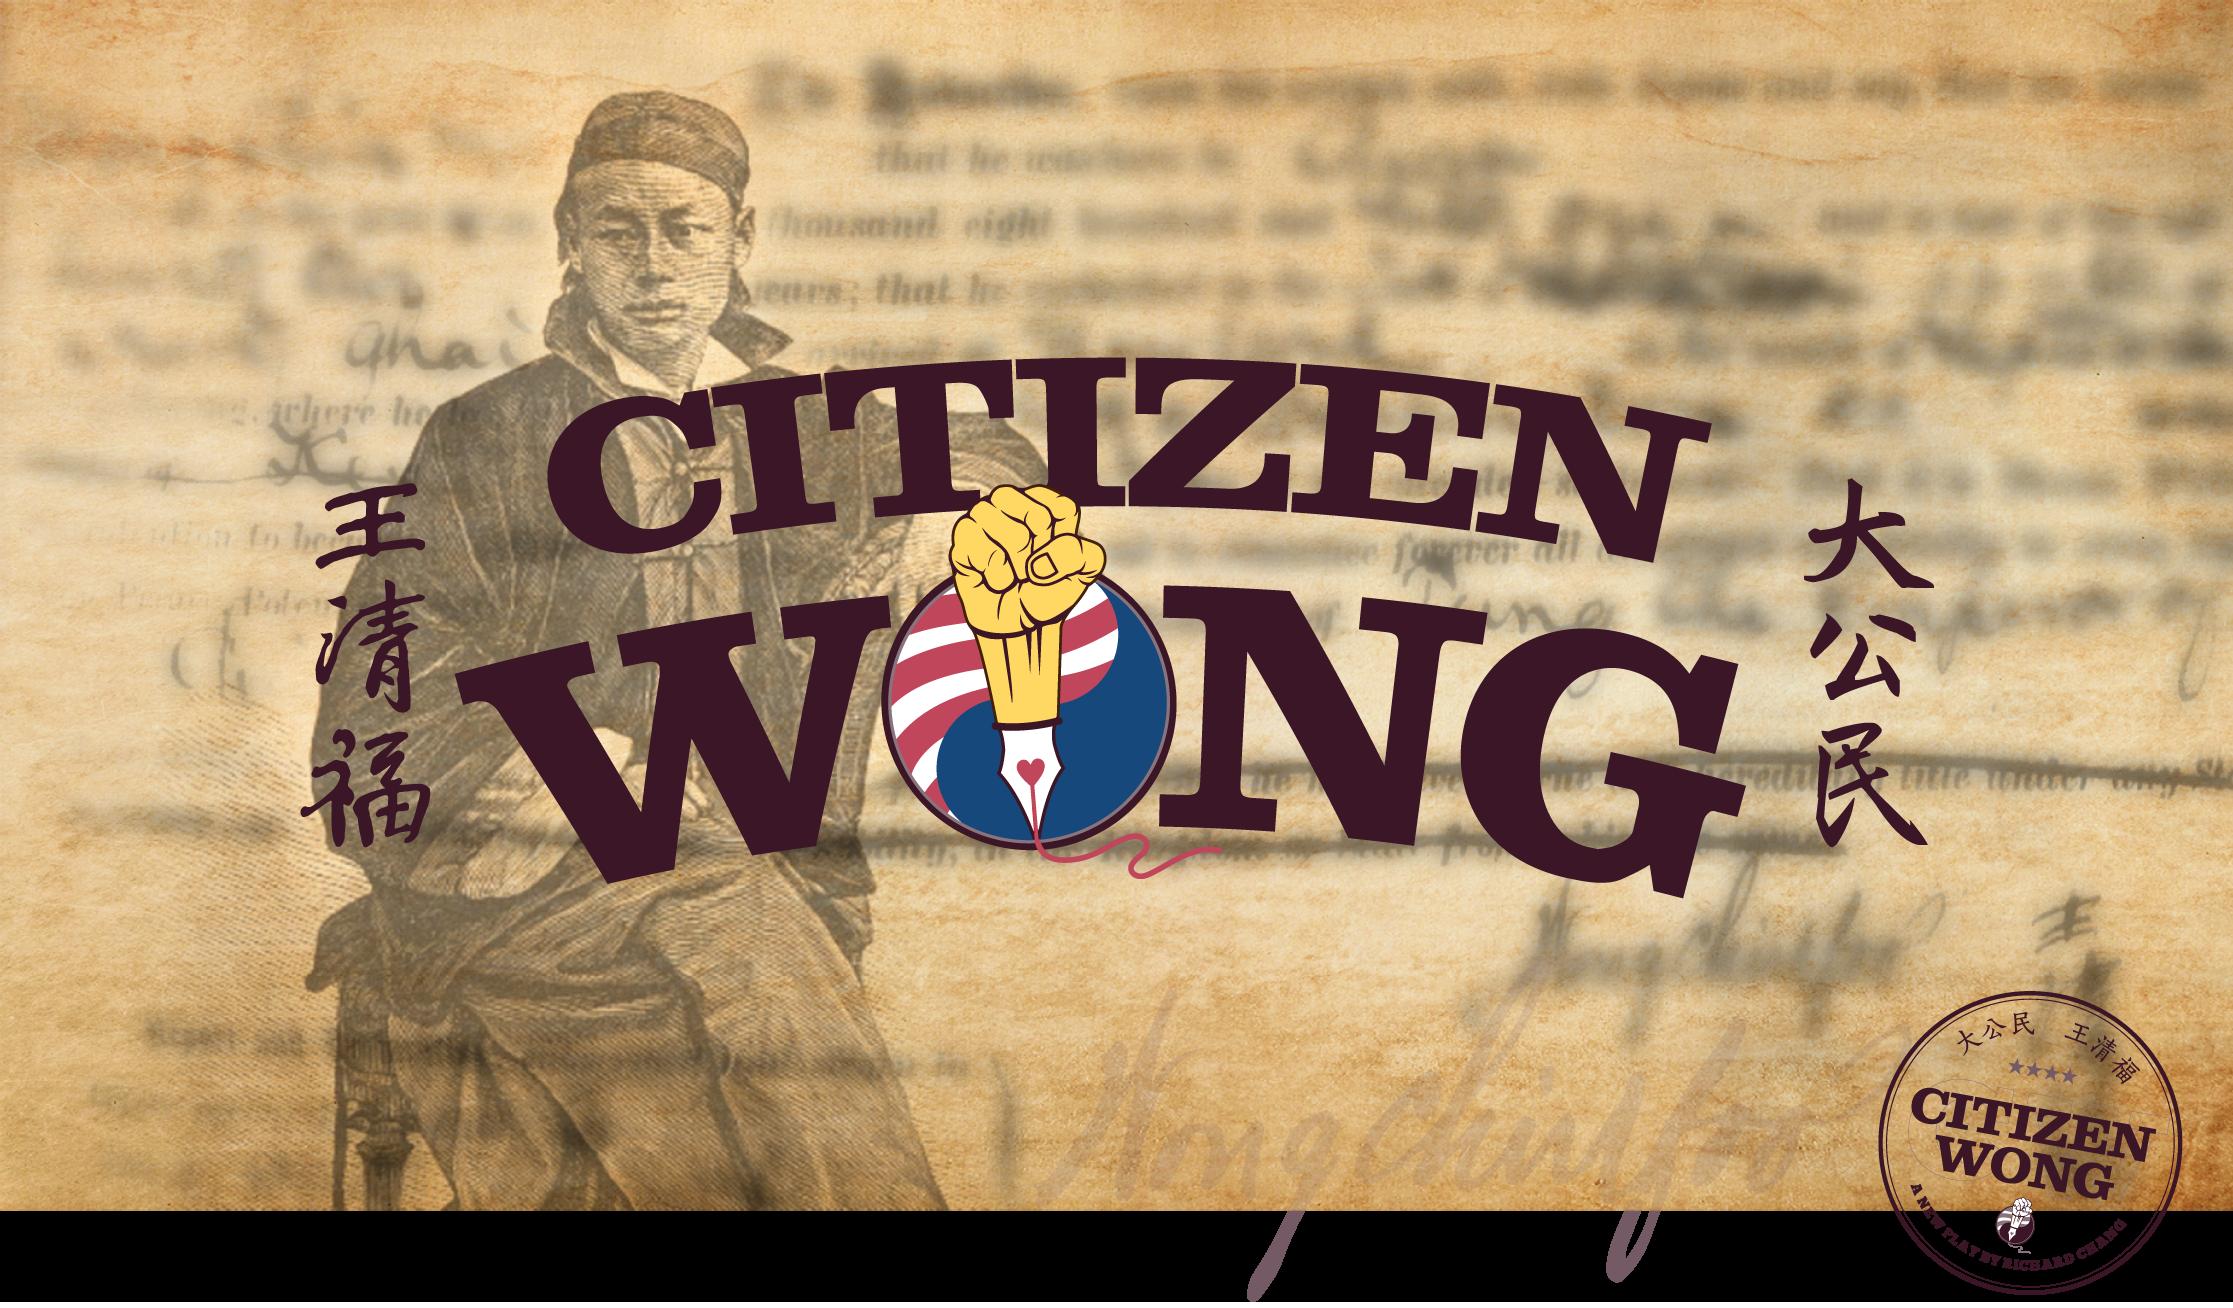 citizenwong_web_items_01_KAHO_(14_7_2019).png